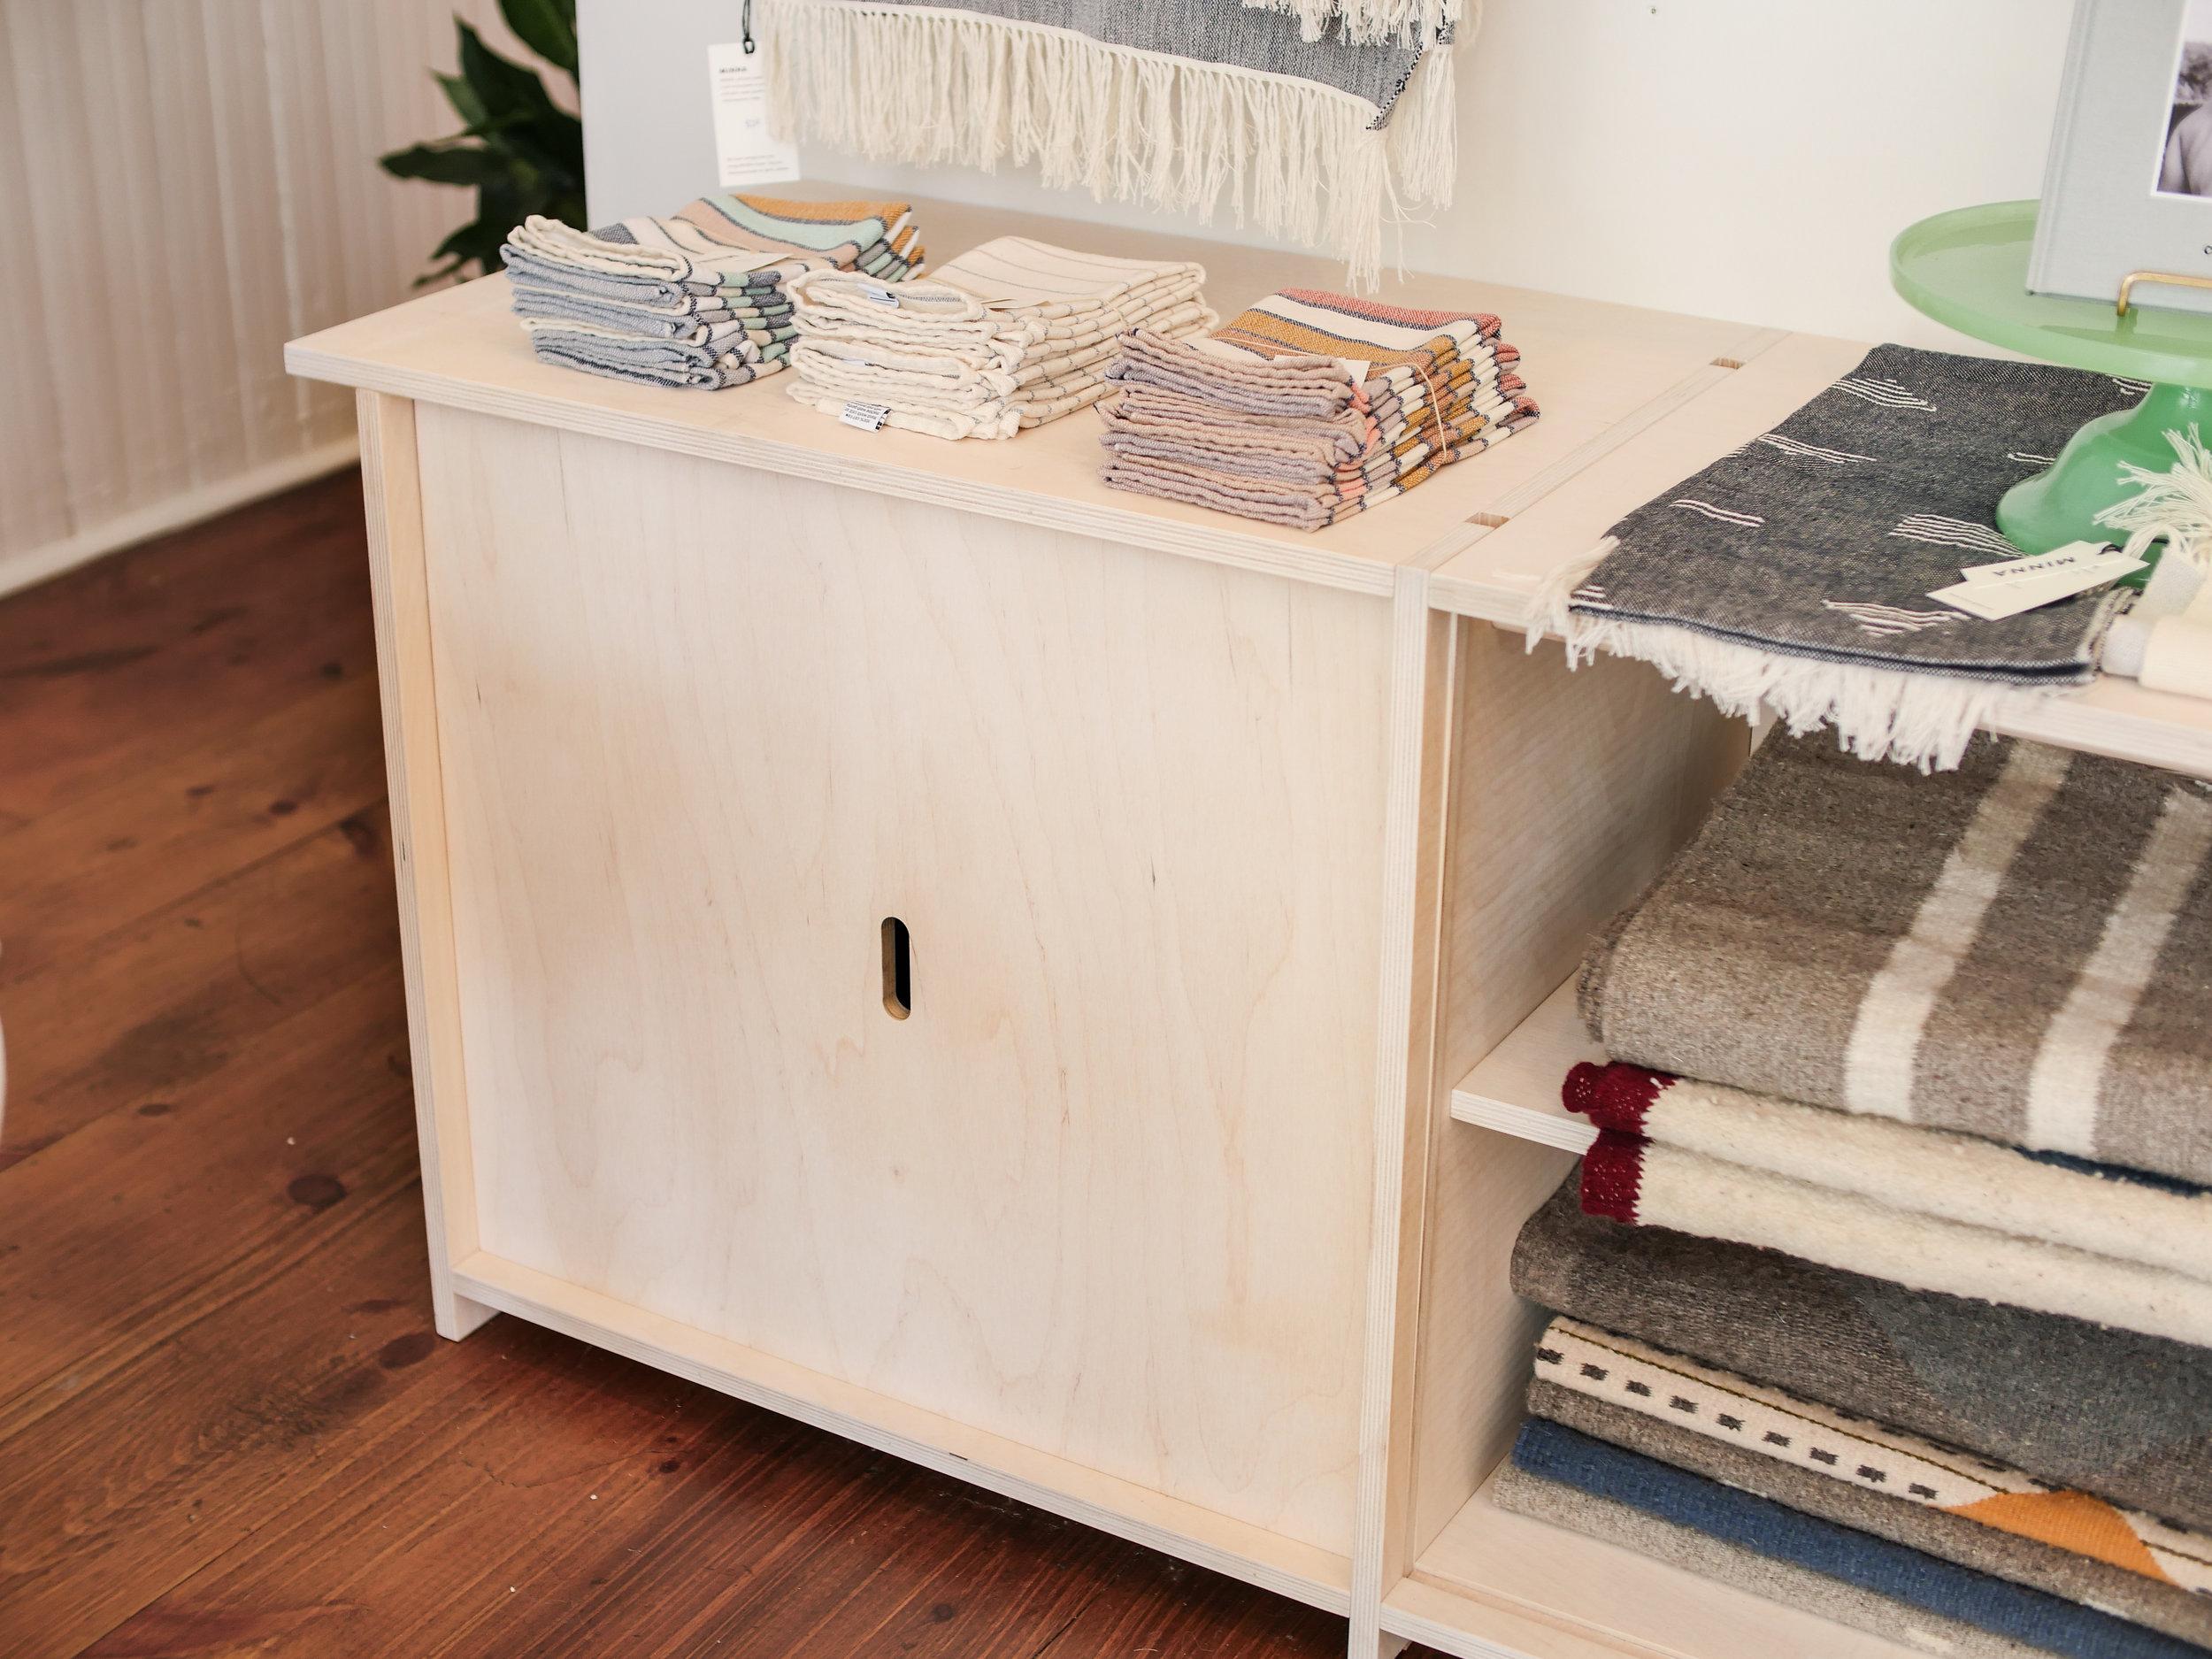 textile shop-3.jpg